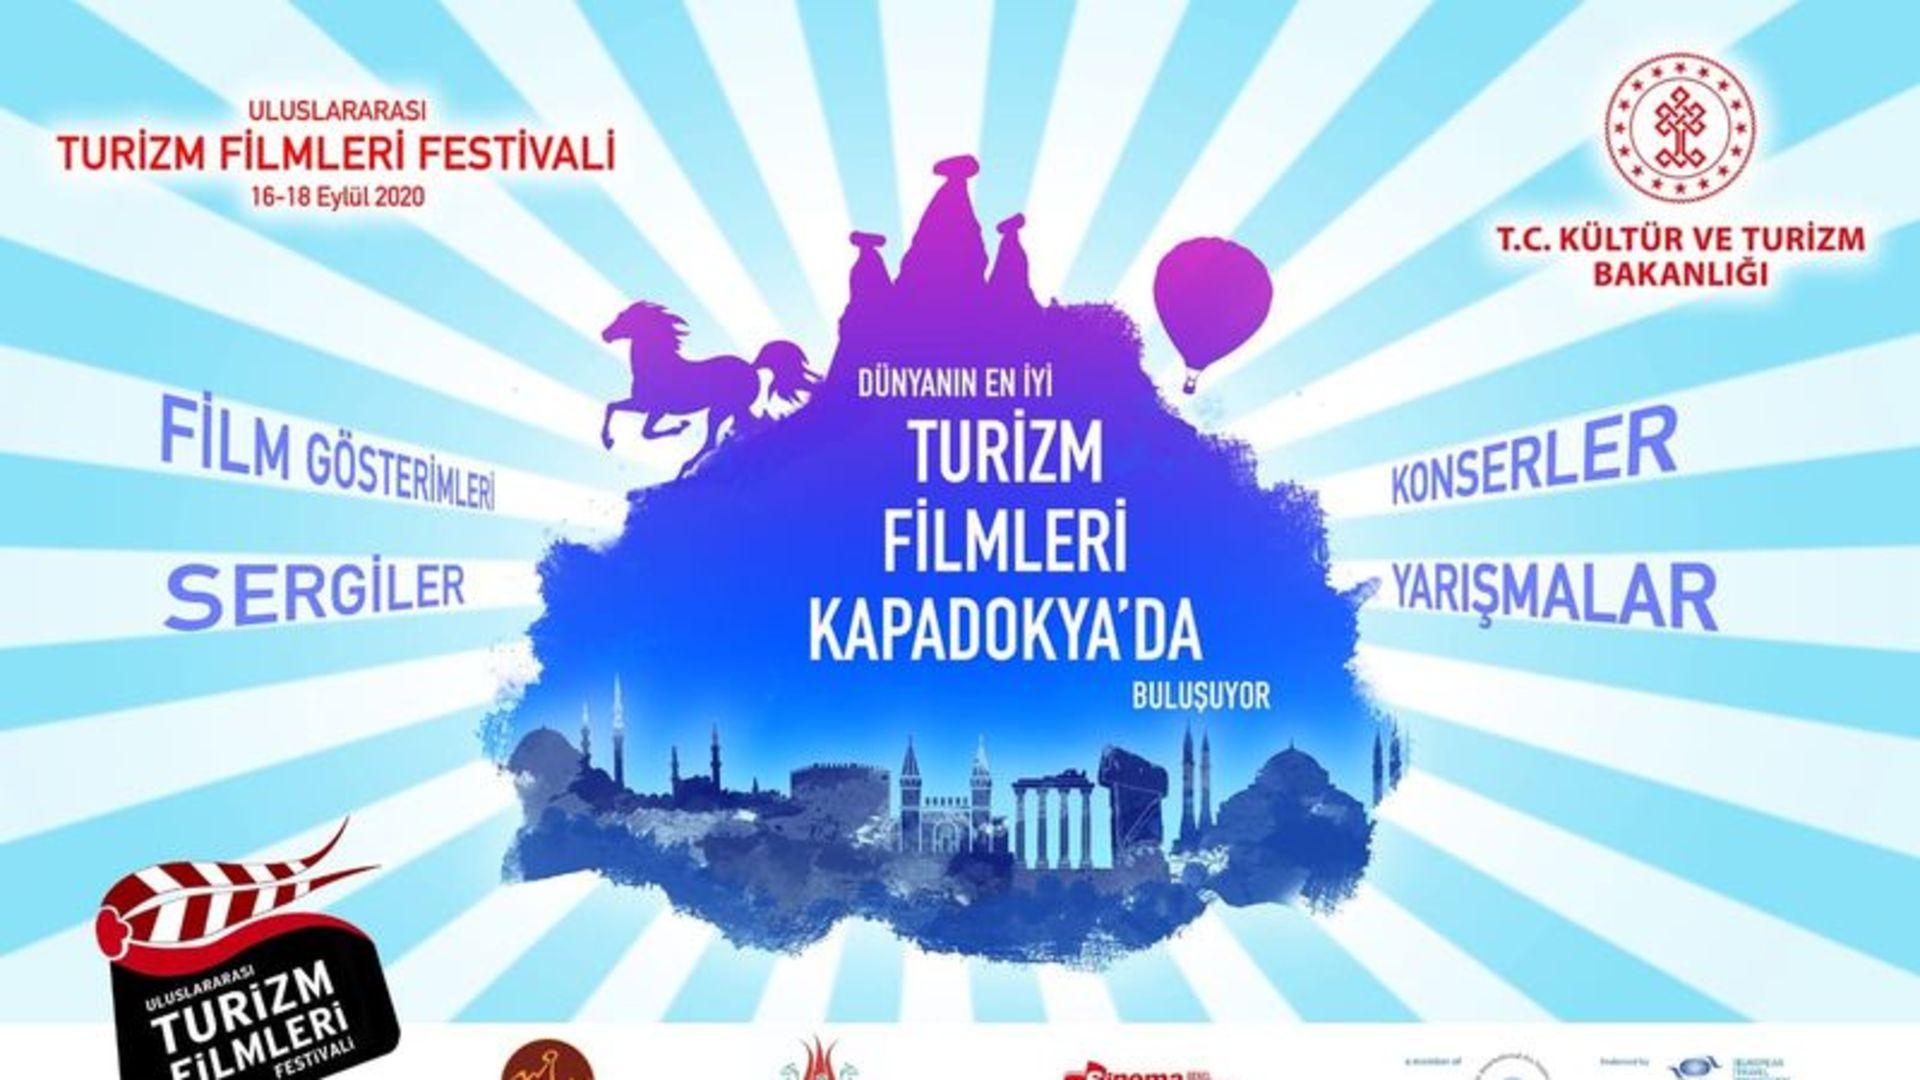 Turizm Filmleri Festivali